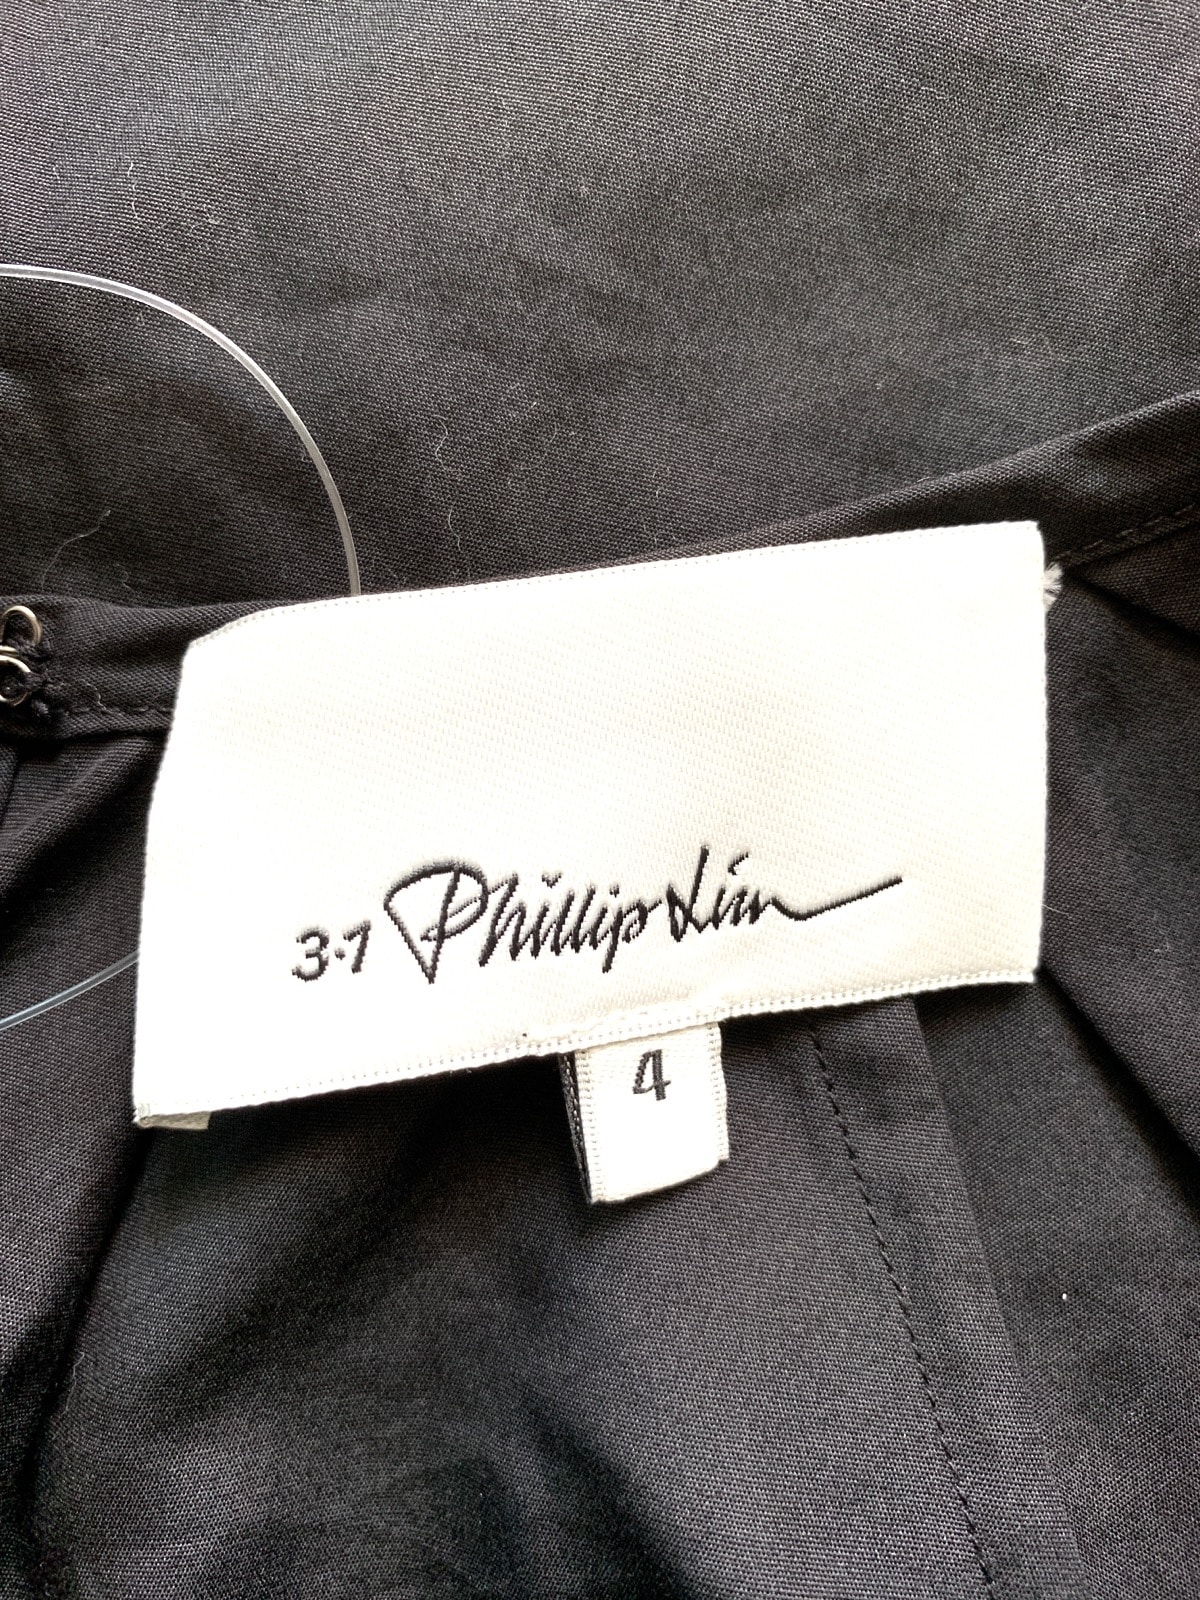 3.1 Phillip lim(スリーワンフィリップリム)のカットソー